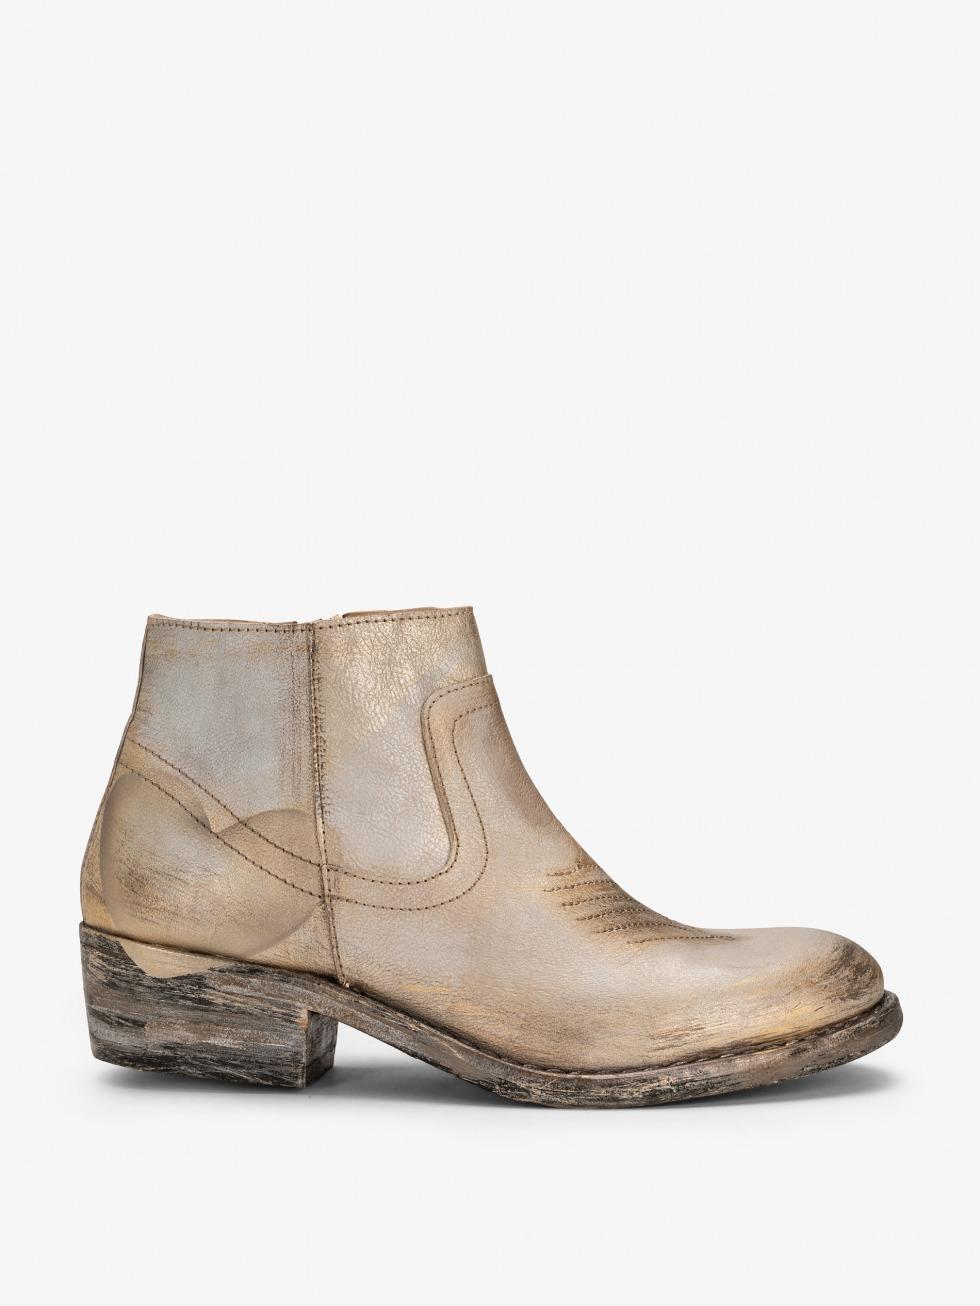 Boots Mojito - Cuore Cometa